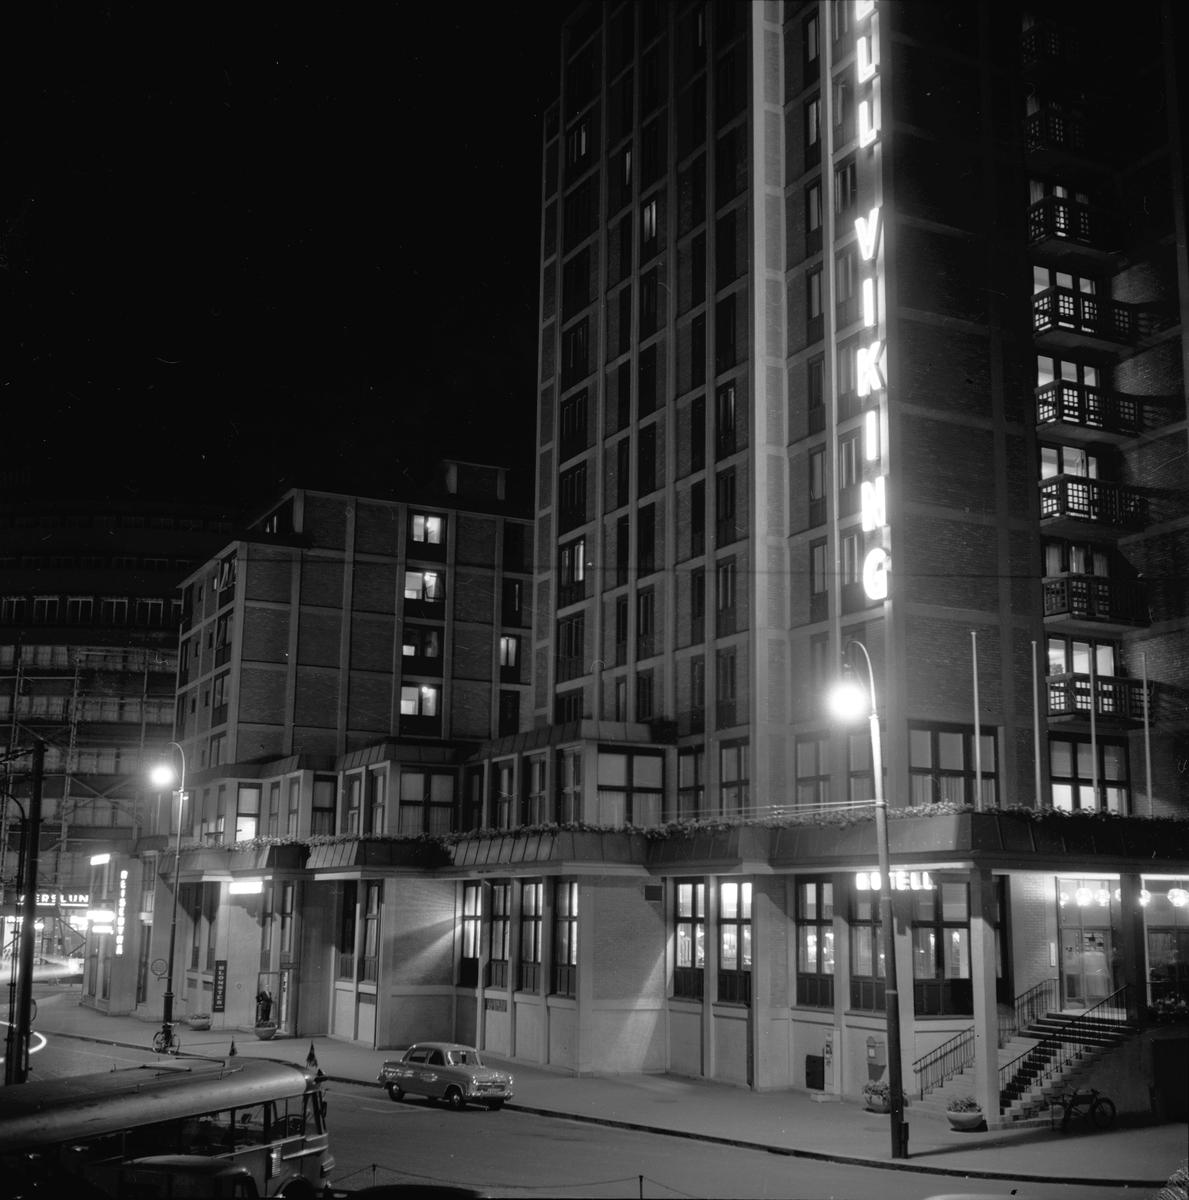 Biskop Gunnerus gate 3, Oslo, 1953. Hotell Viking. Gatebilde og bygninger.